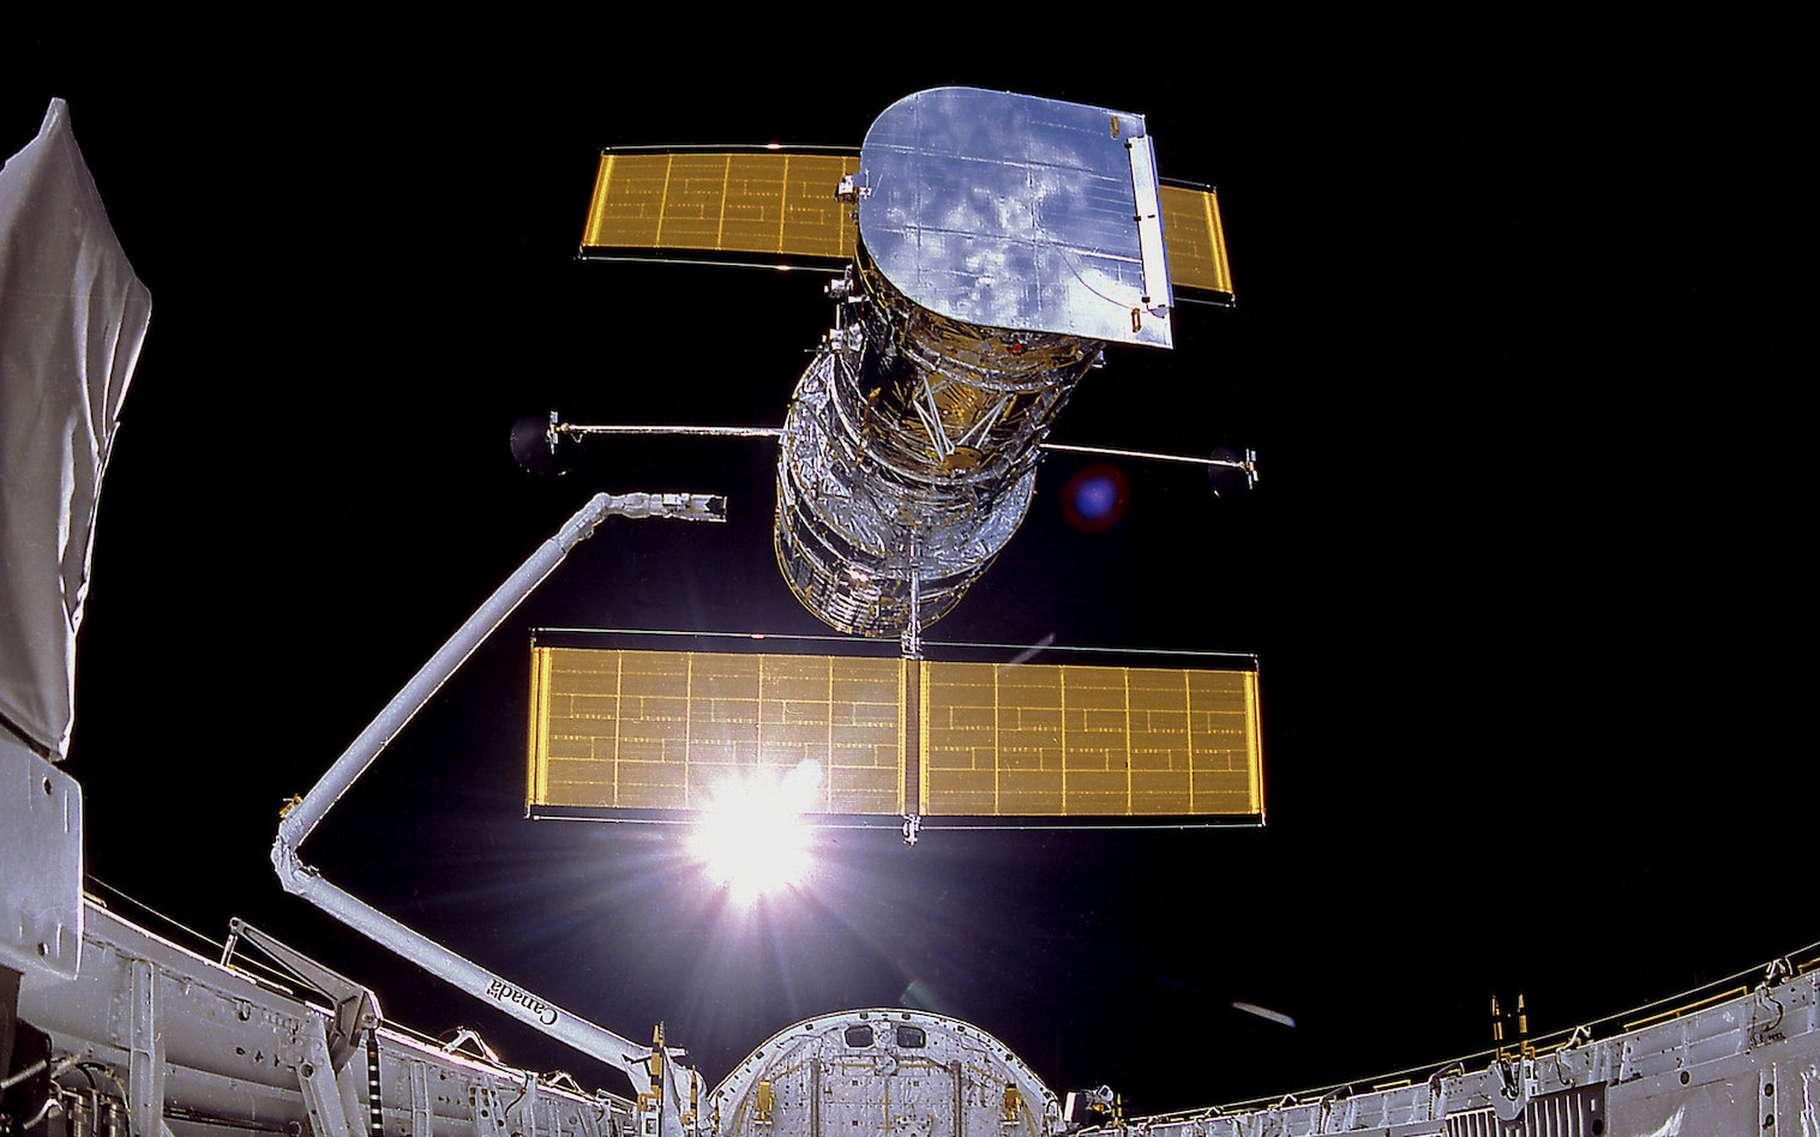 Le télescope Hubble déployé par la navette spatiale. © Nasa